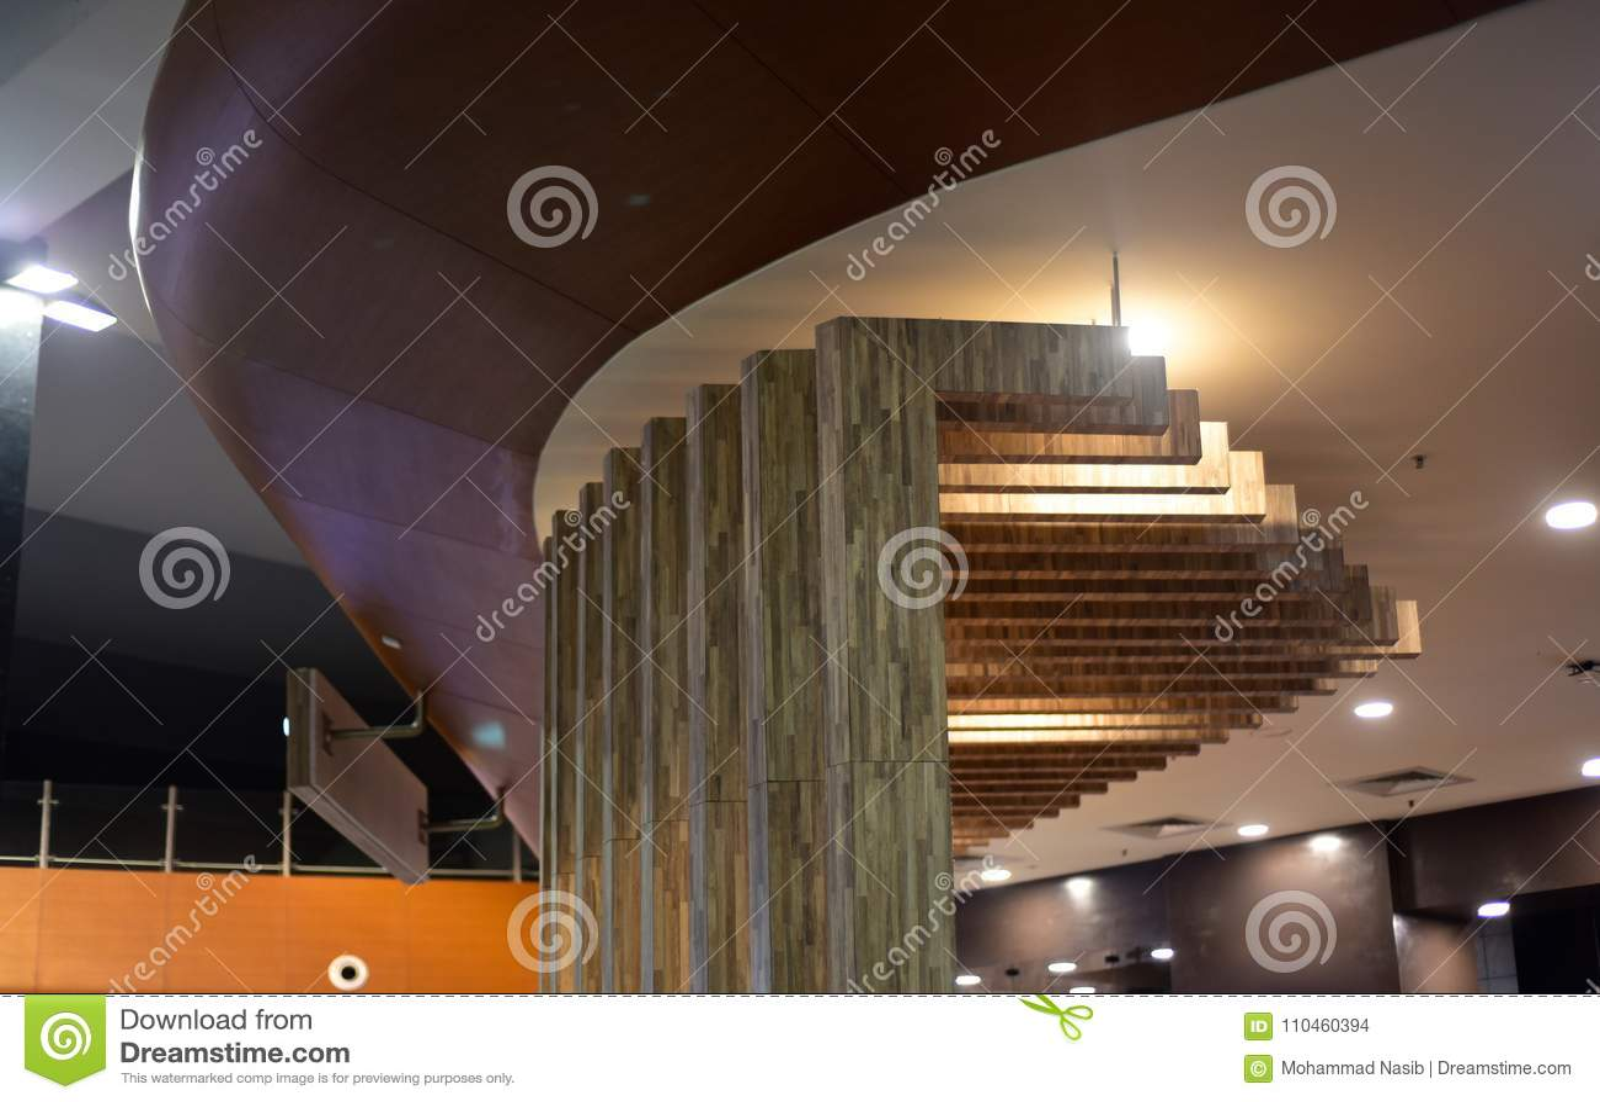 Stilfull inredesign av ett modernt arkitektoniskt byggnadsfotografi